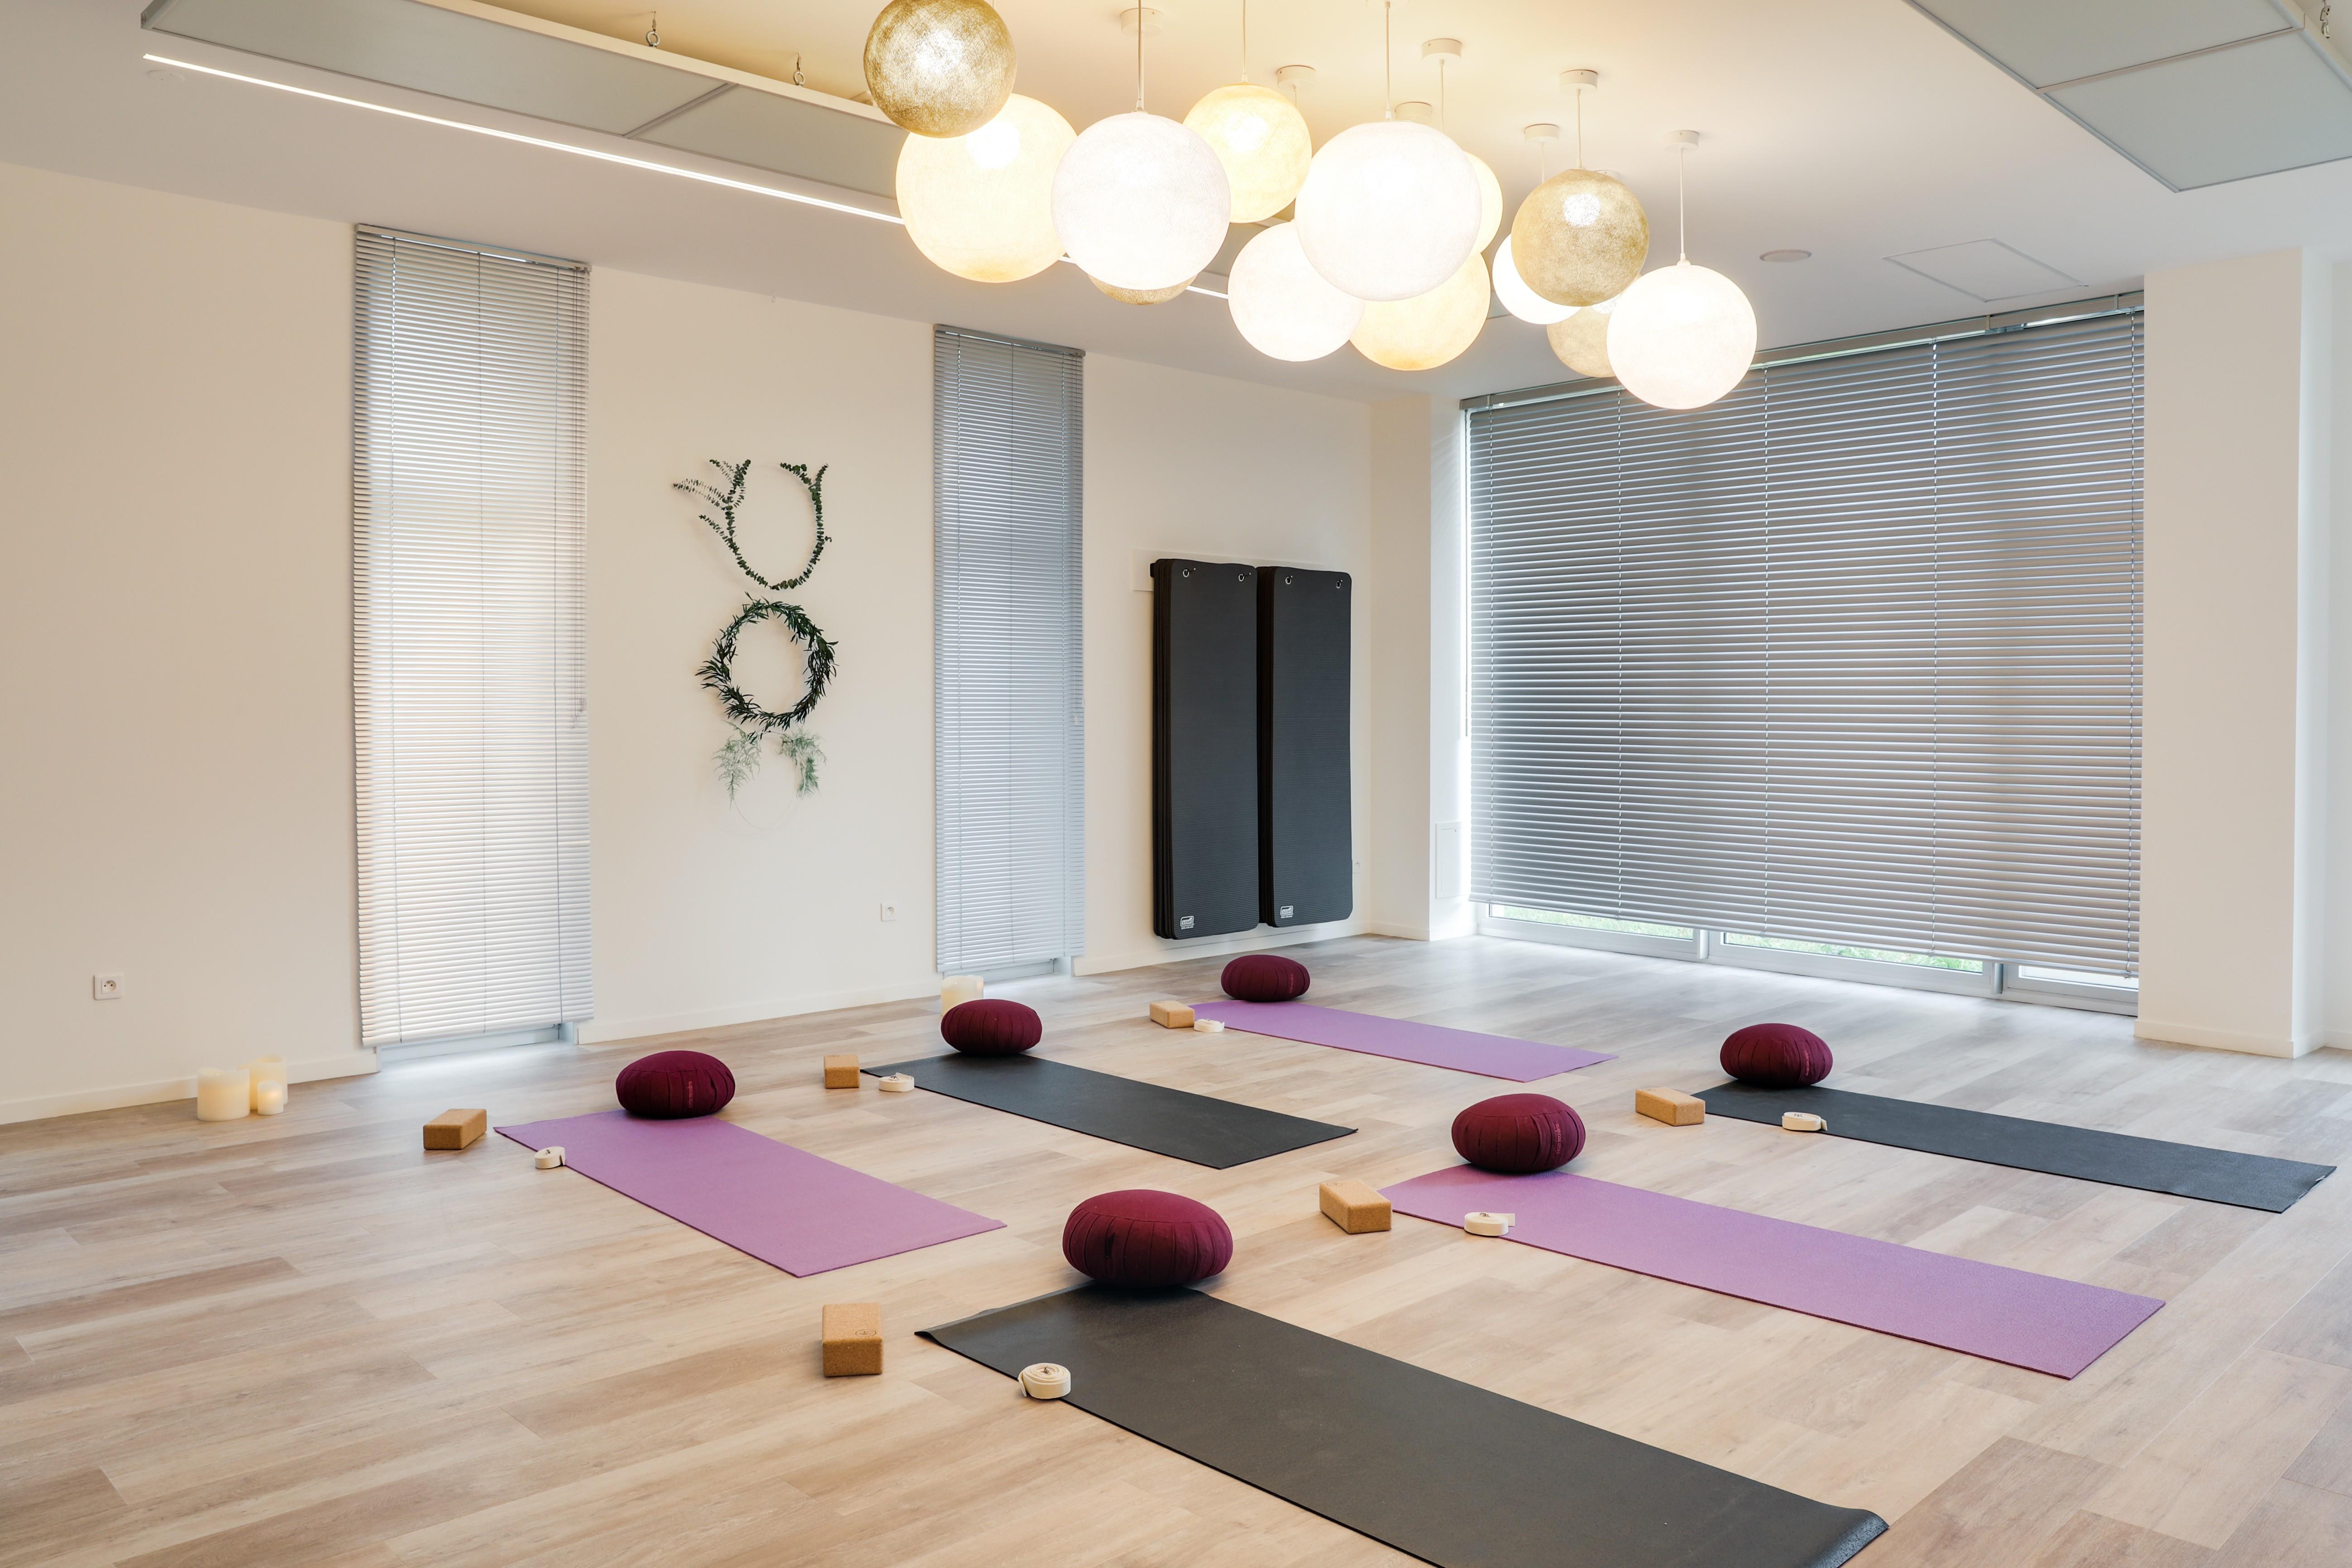 Aménager Une Salle De Yoga holi - yoga, pratiques douces, cantine bio, salle de